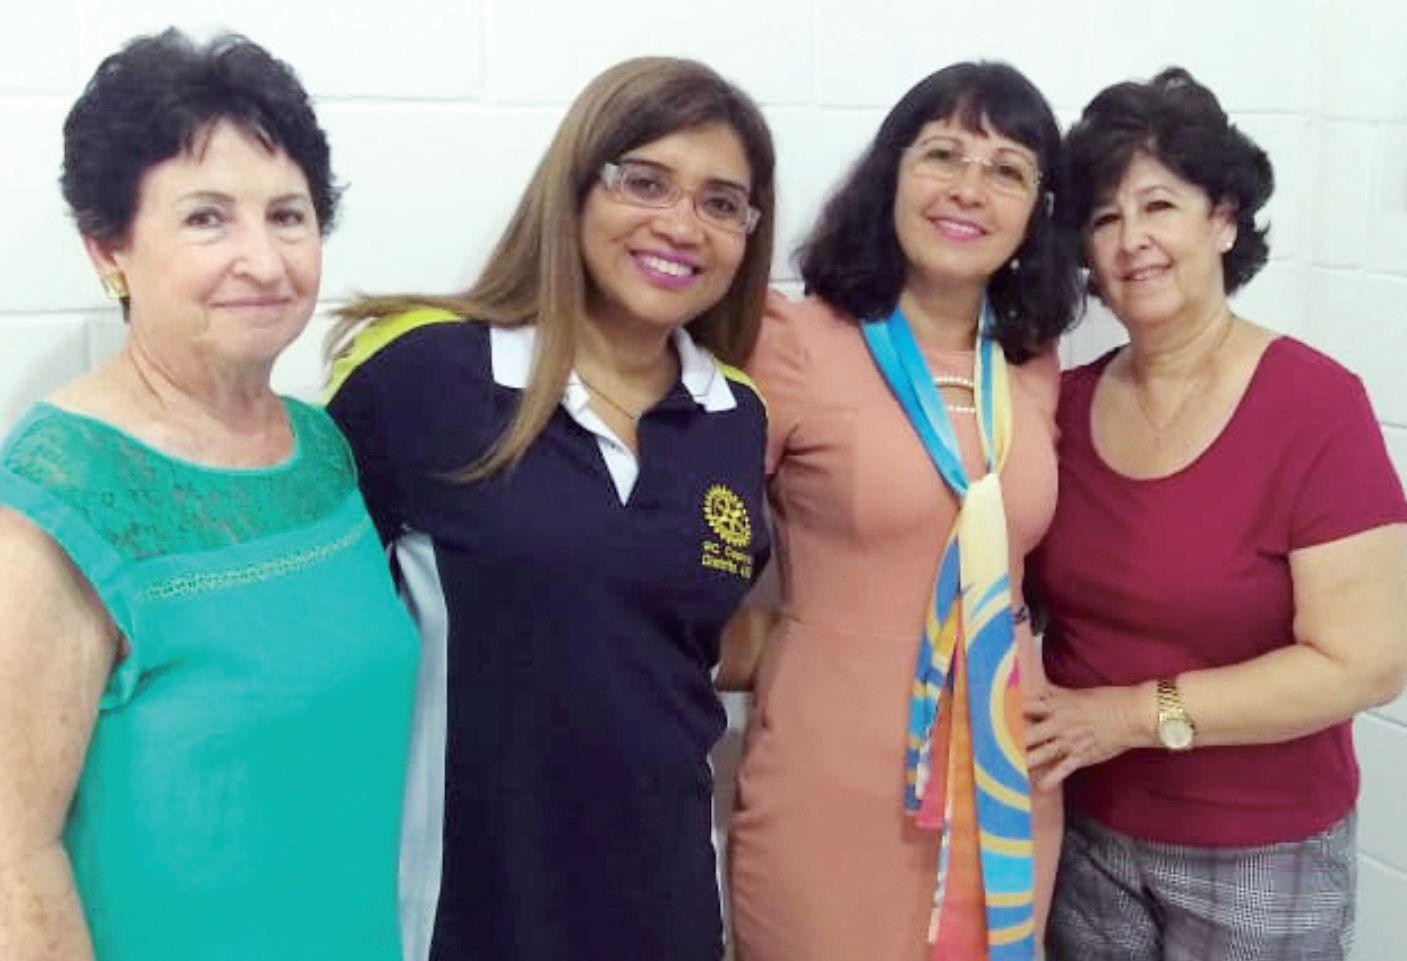 Dª Carminha, Jocelaine, Nereide e Ieda, integrantes da AFROC